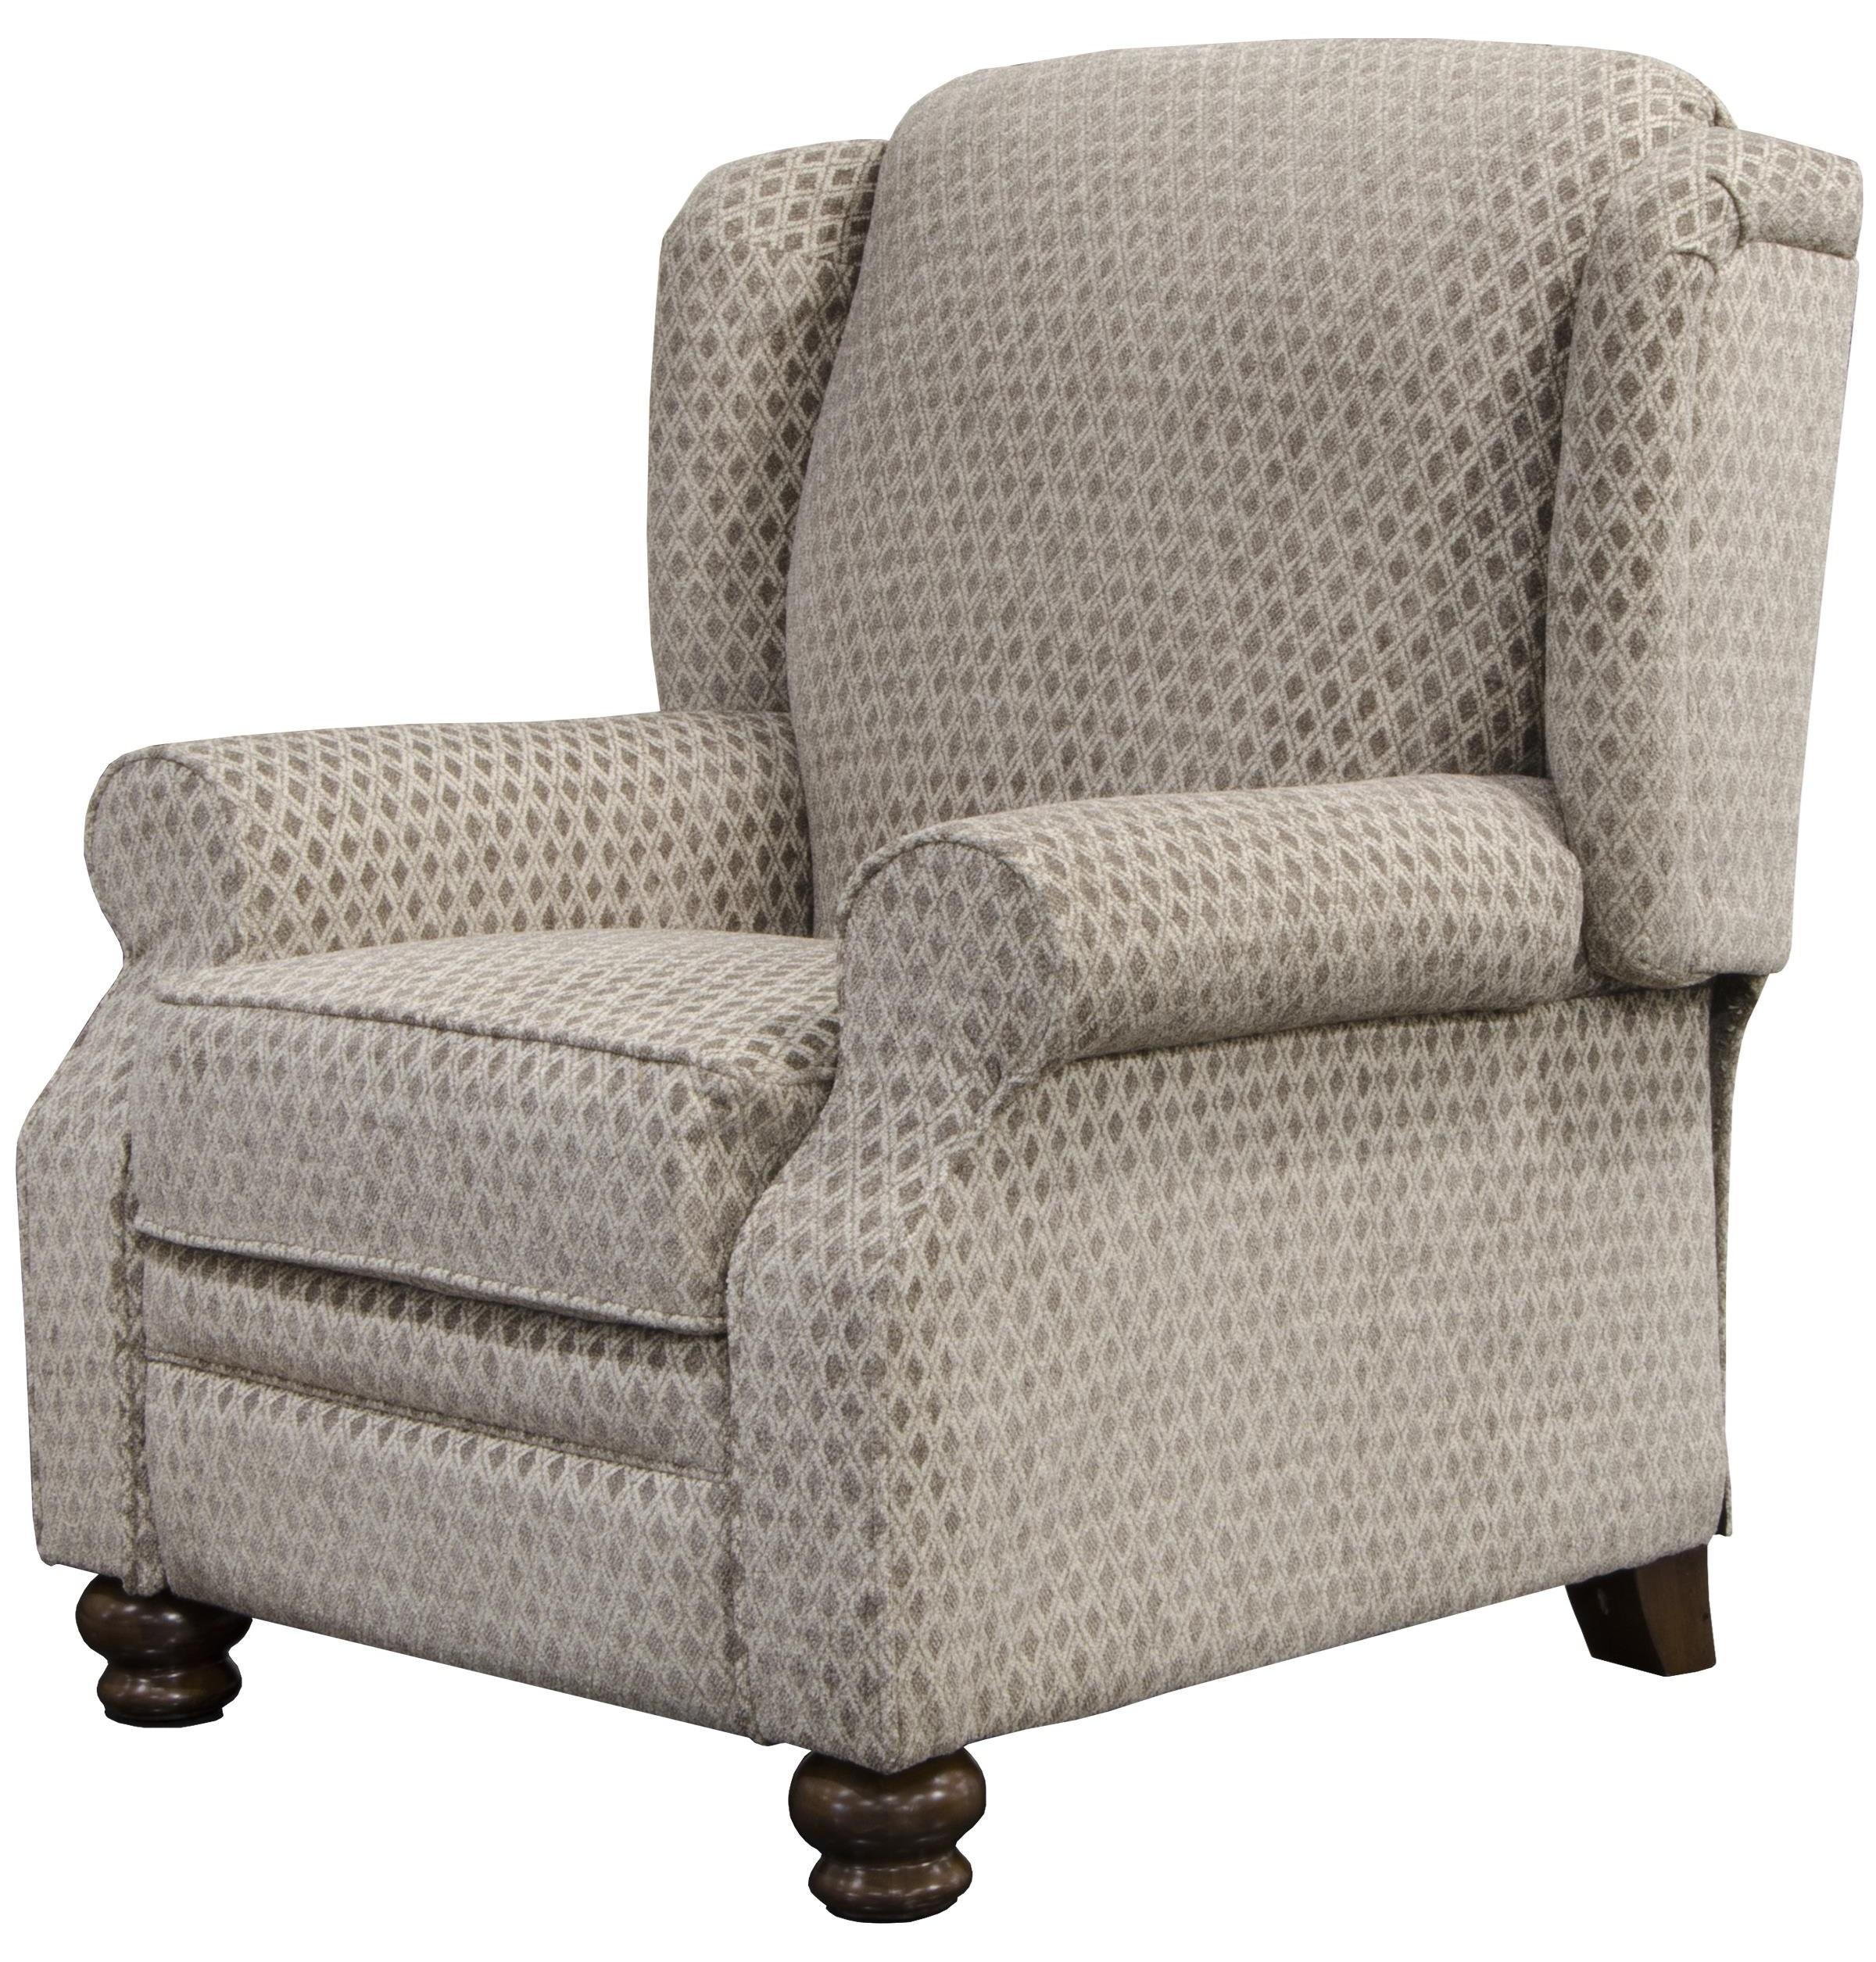 Jackson Furniture FreemontPush Back Recliner ...